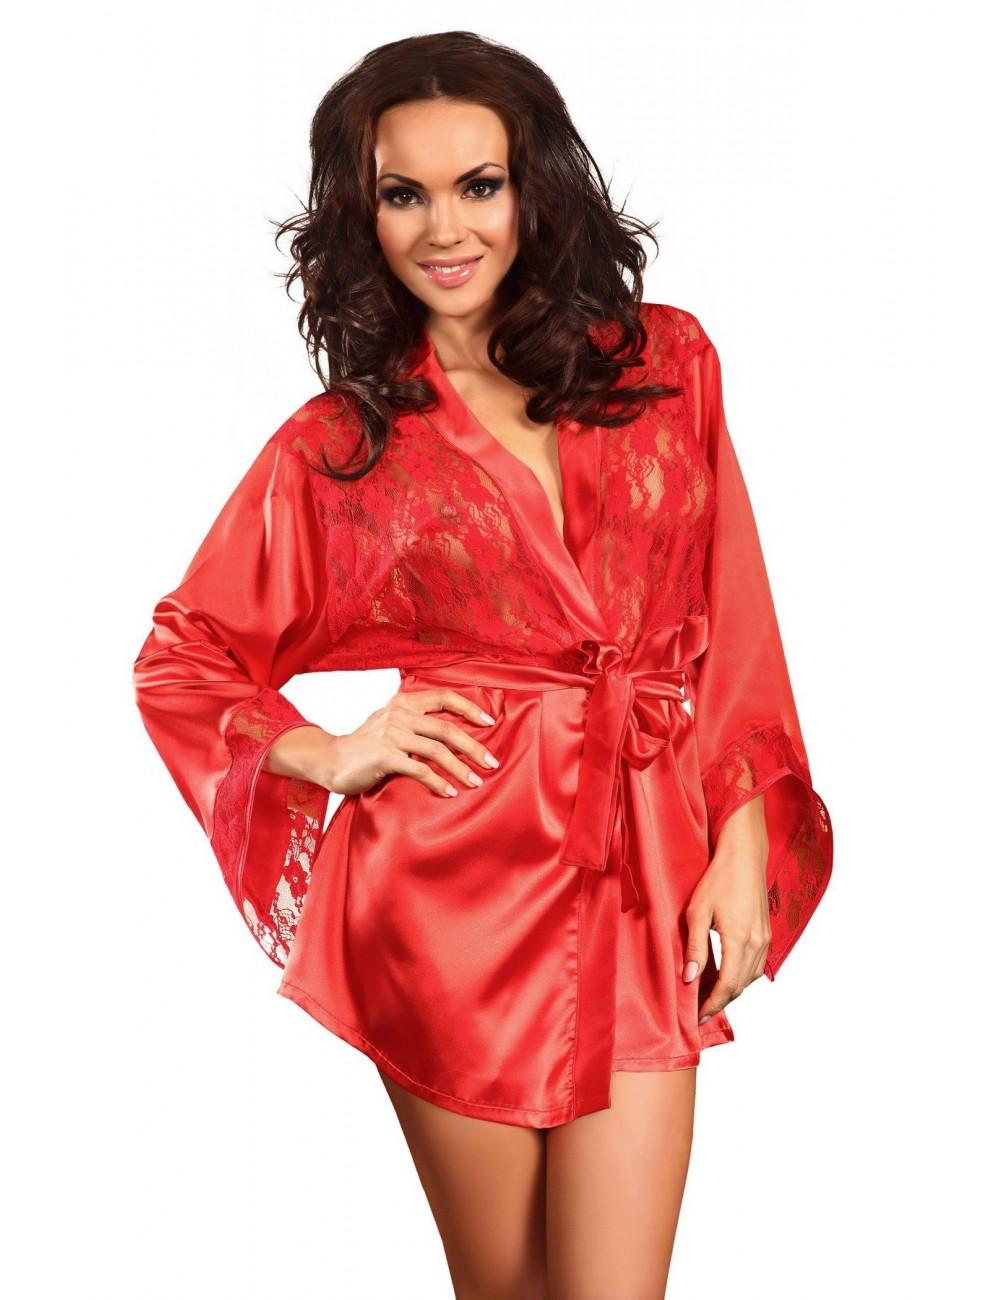 Lingerie - Peignoirs et Déshabillés - Peignoir rouge en satin et dentelle avec ceinture Prilance - Beauty Night